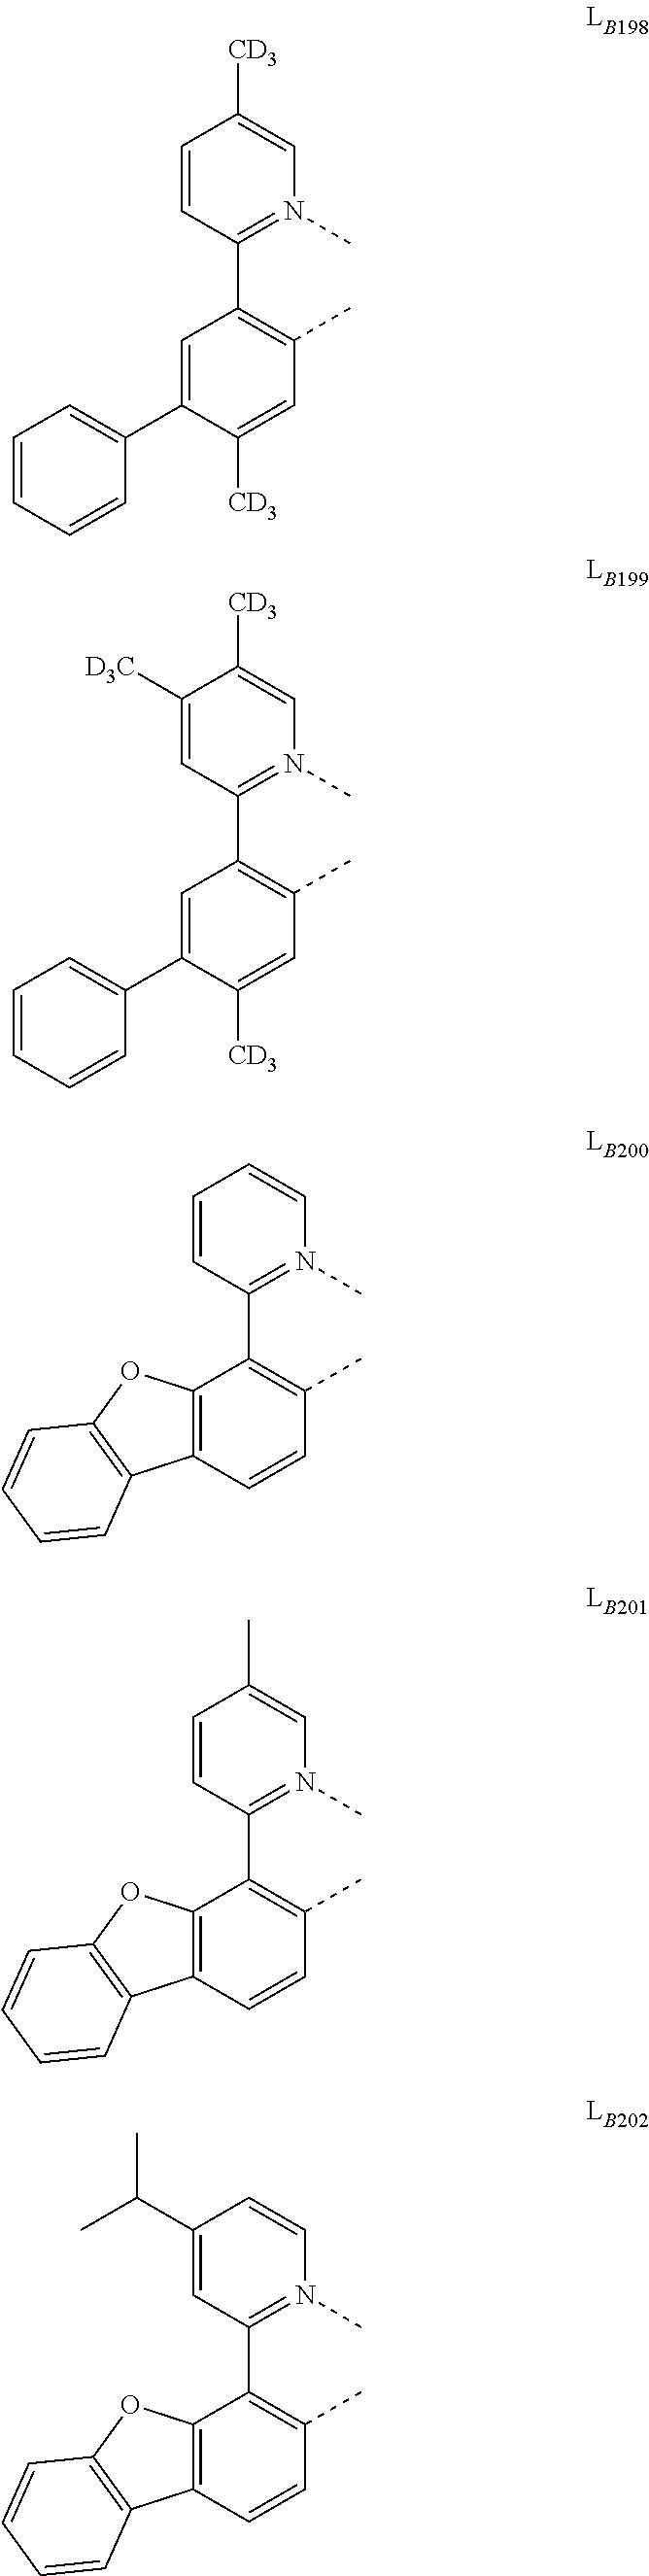 Figure US09929360-20180327-C00257